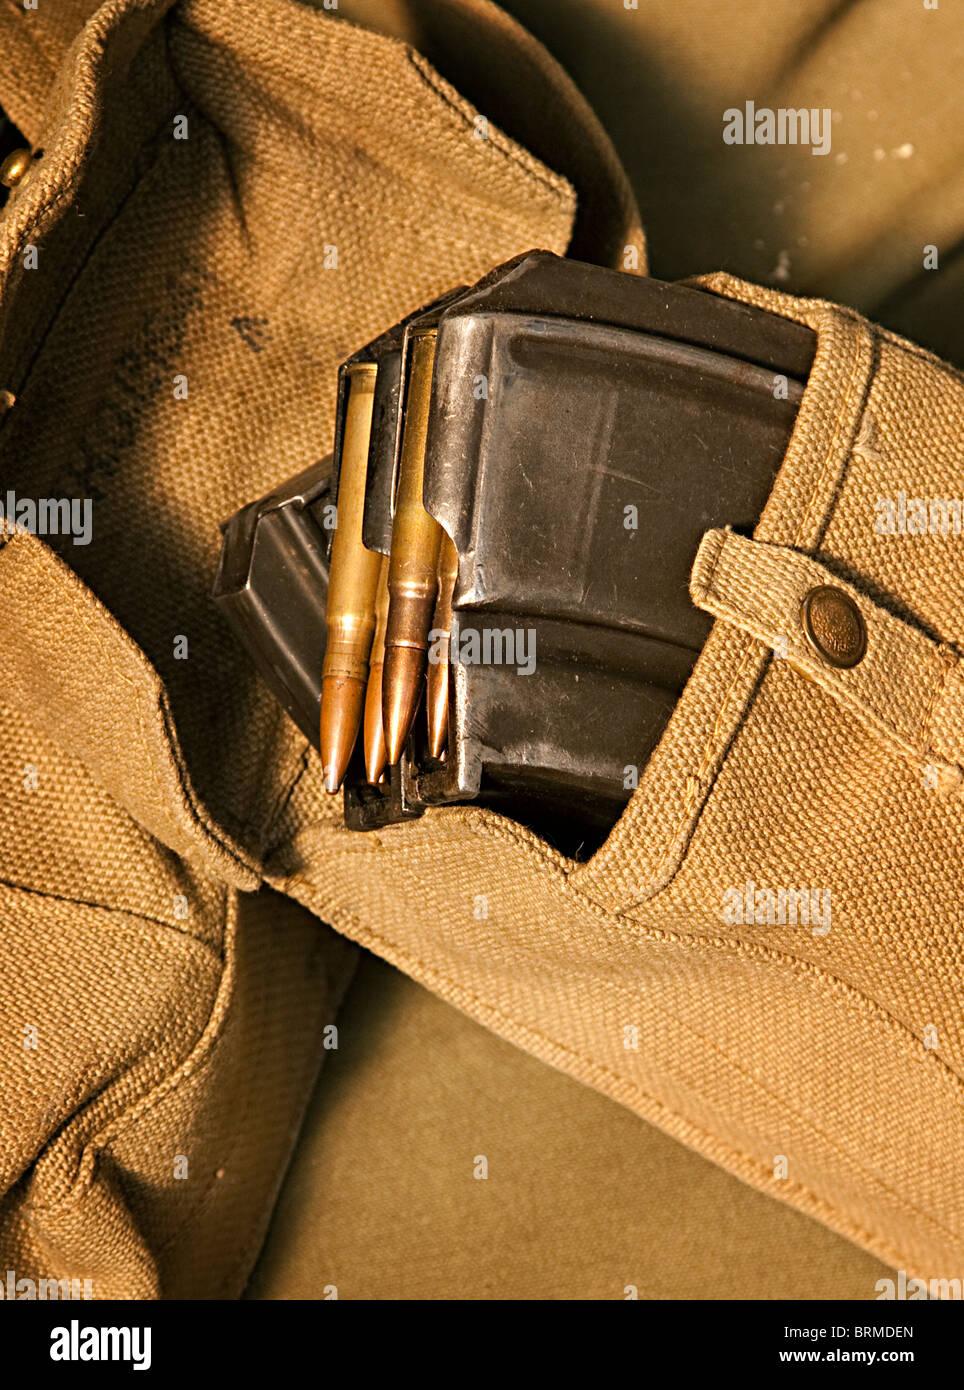 Bren gun ammunition Second World War - Stock Image